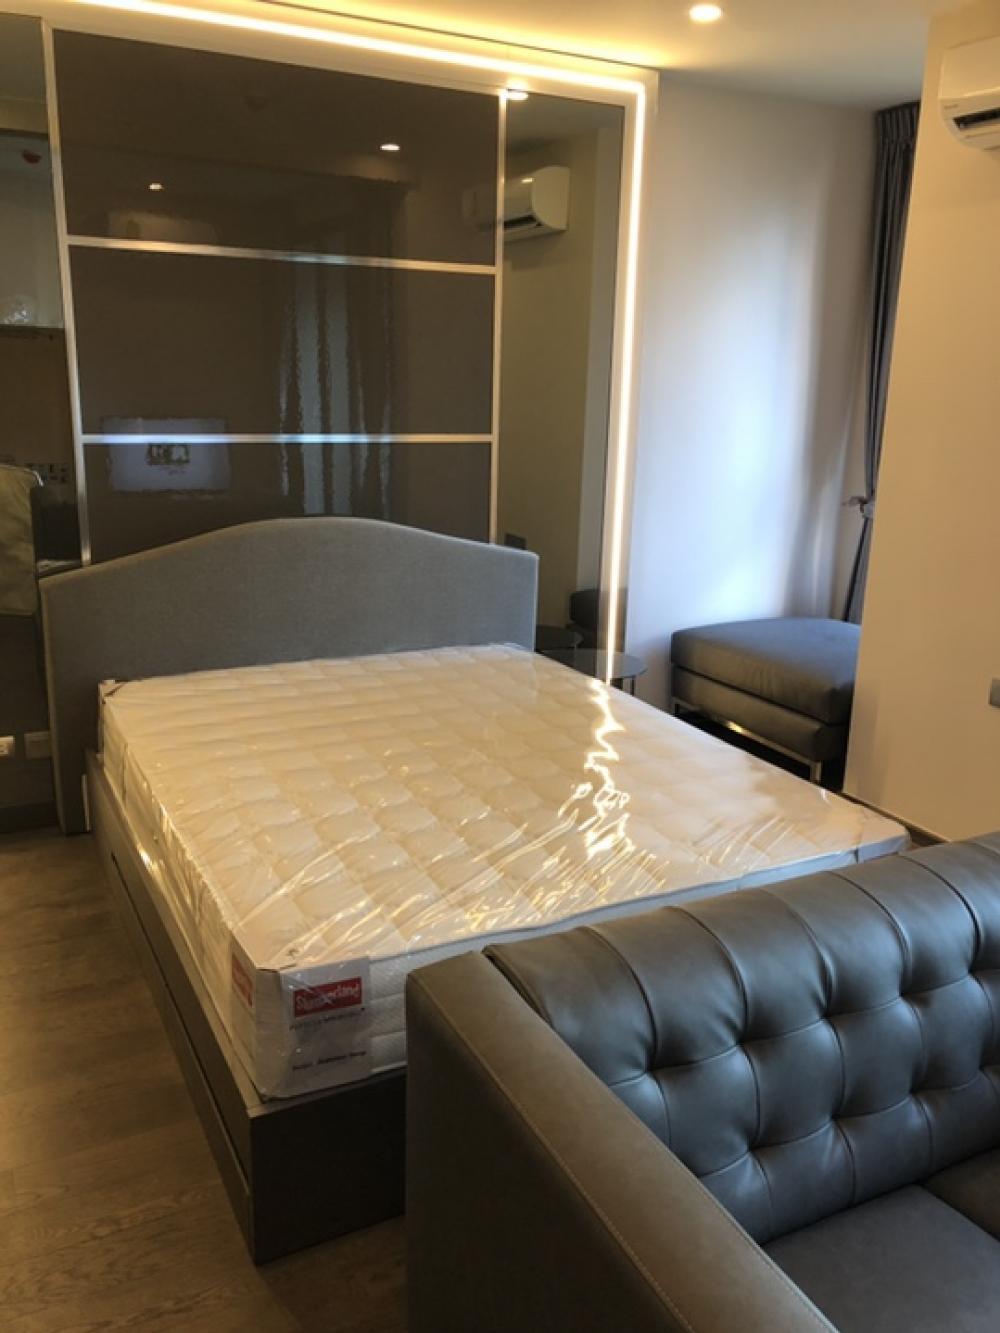 เช่าคอนโดราชเทวี พญาไท : For Rent 1BR 34sqm 15K Fully furnished